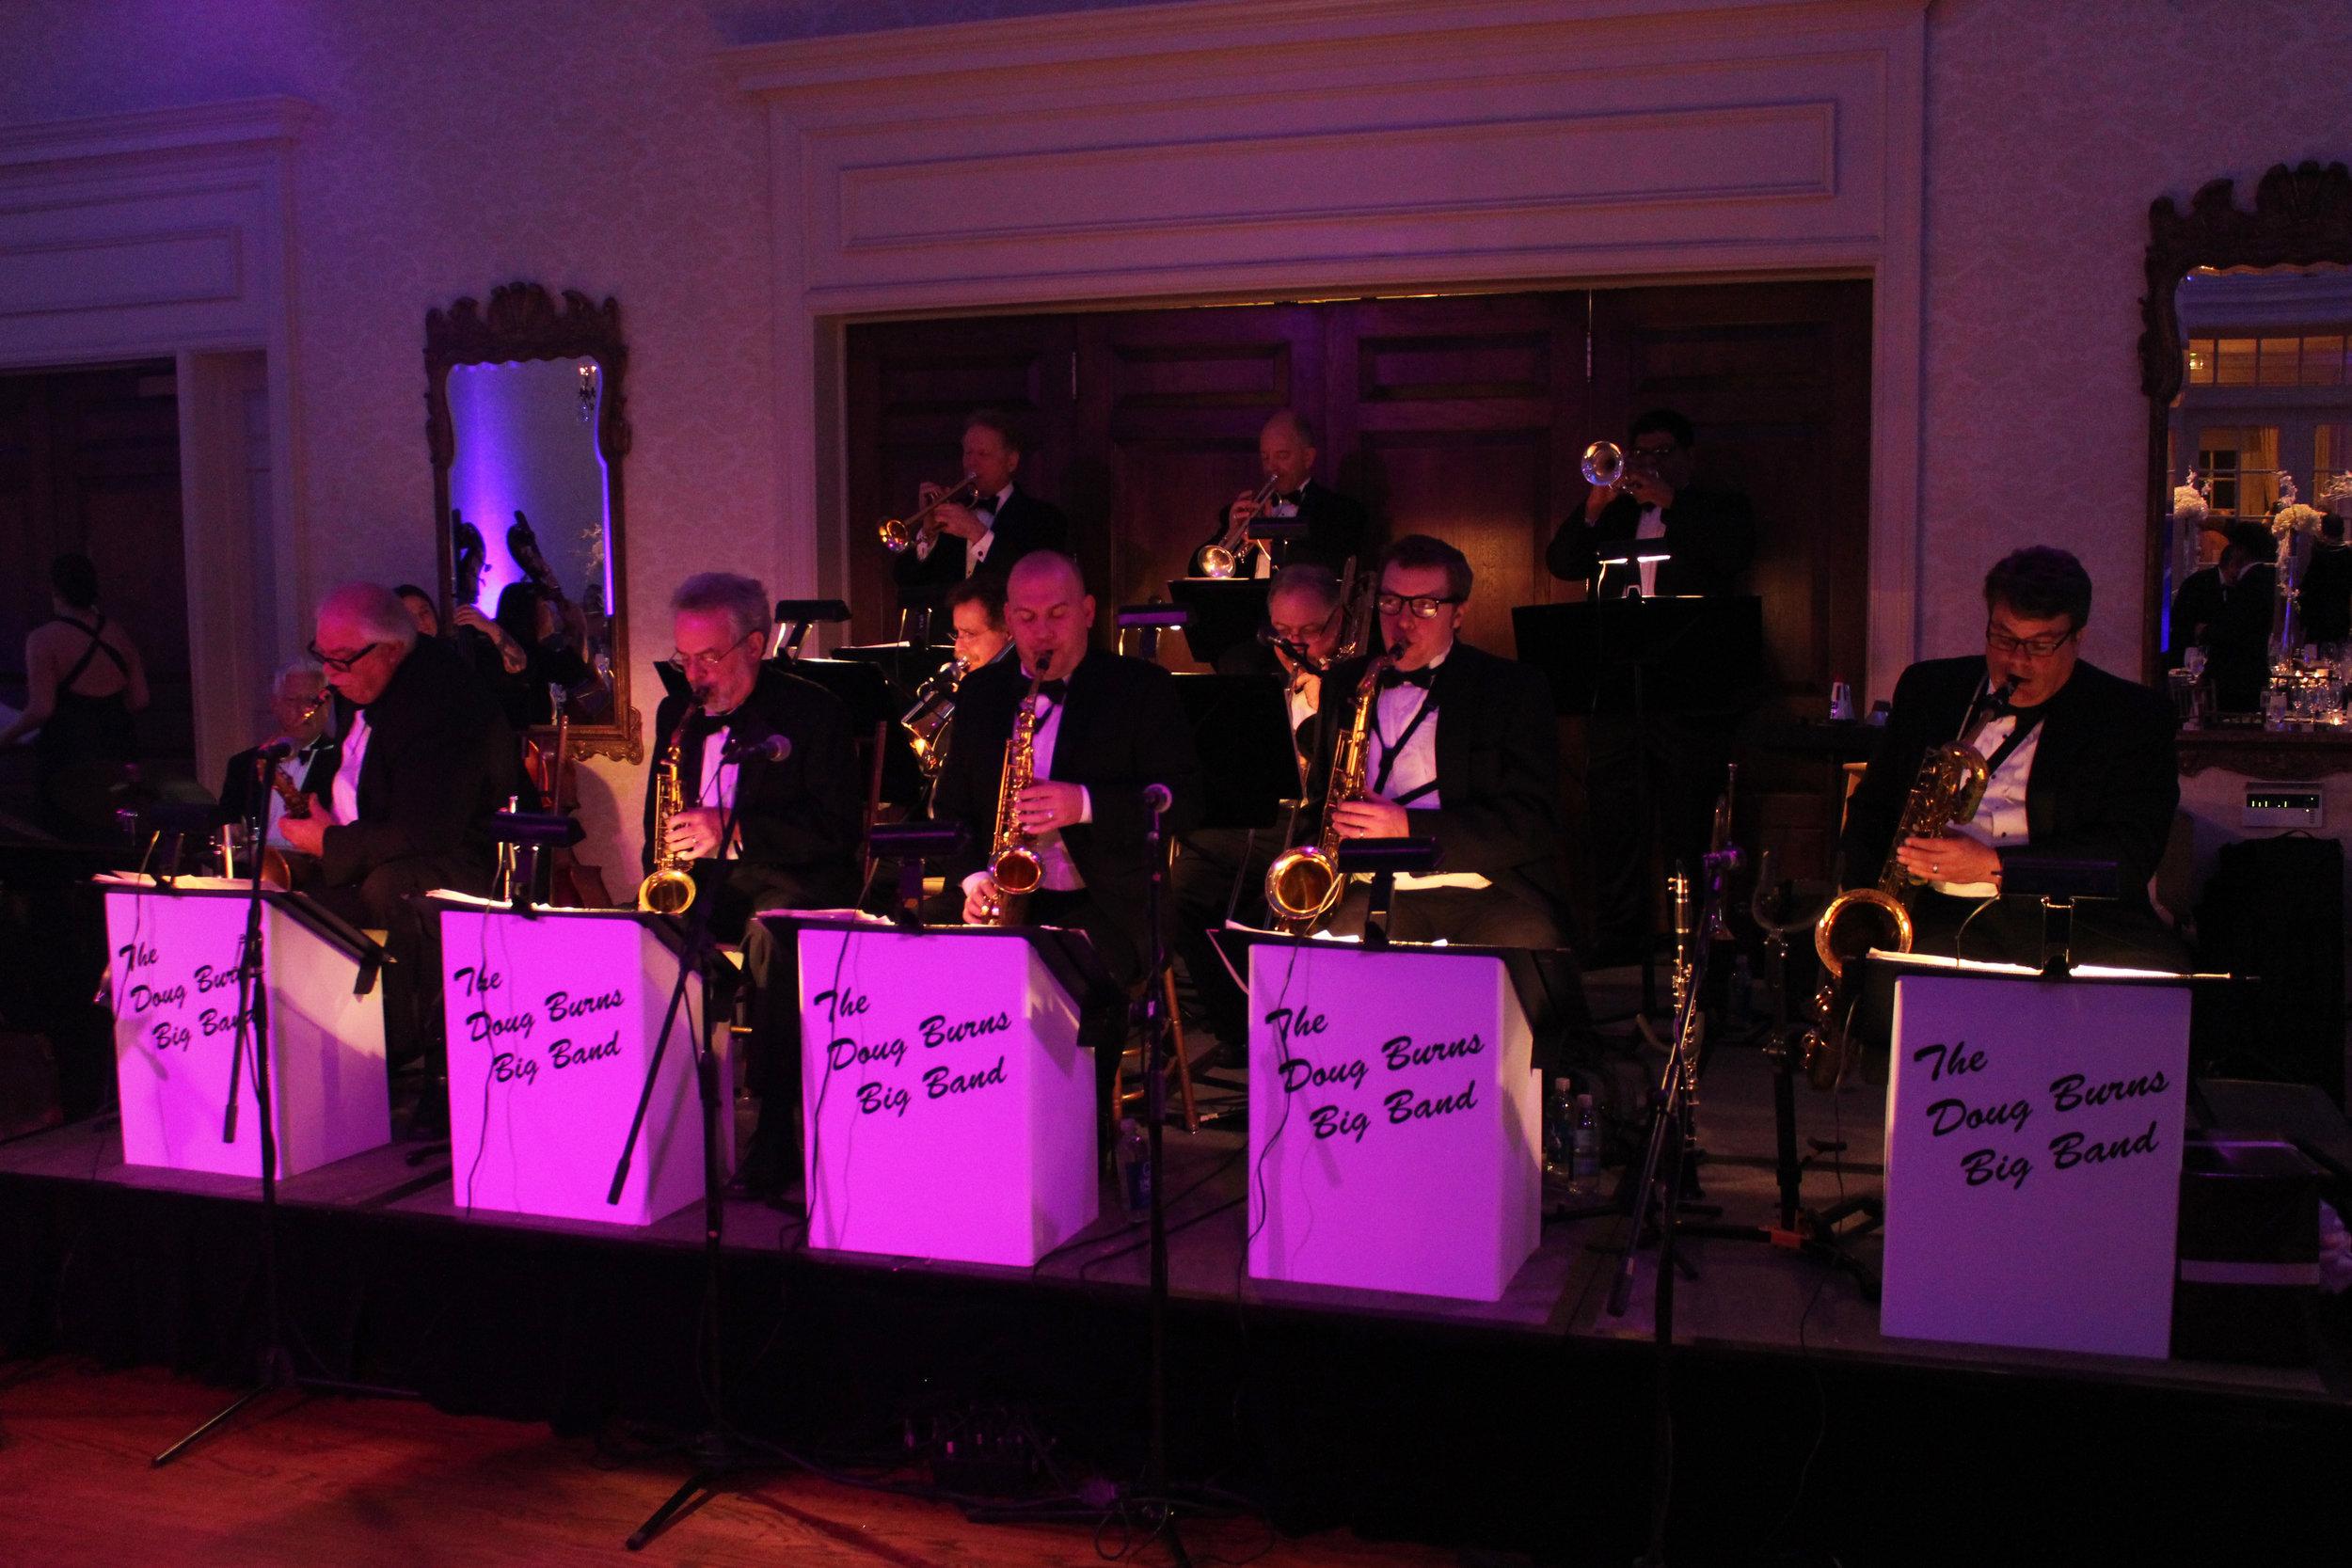 The Doug Burns Big Band.